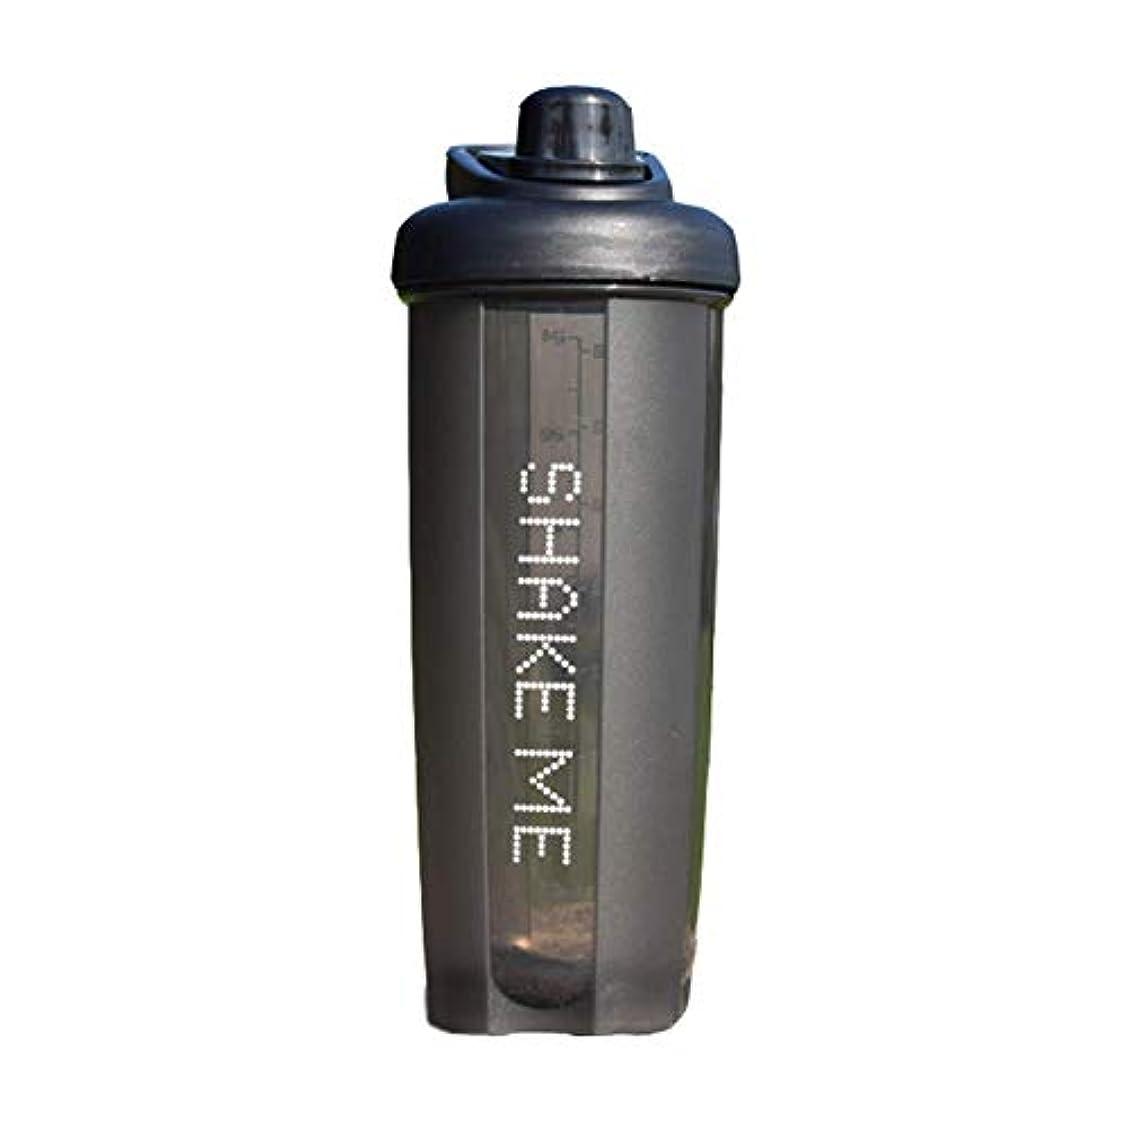 極めて重要な許される法王GOIOD ブレンダーボトル ミキサー シェーカー ボトル Classic (500-700ml) ブラック